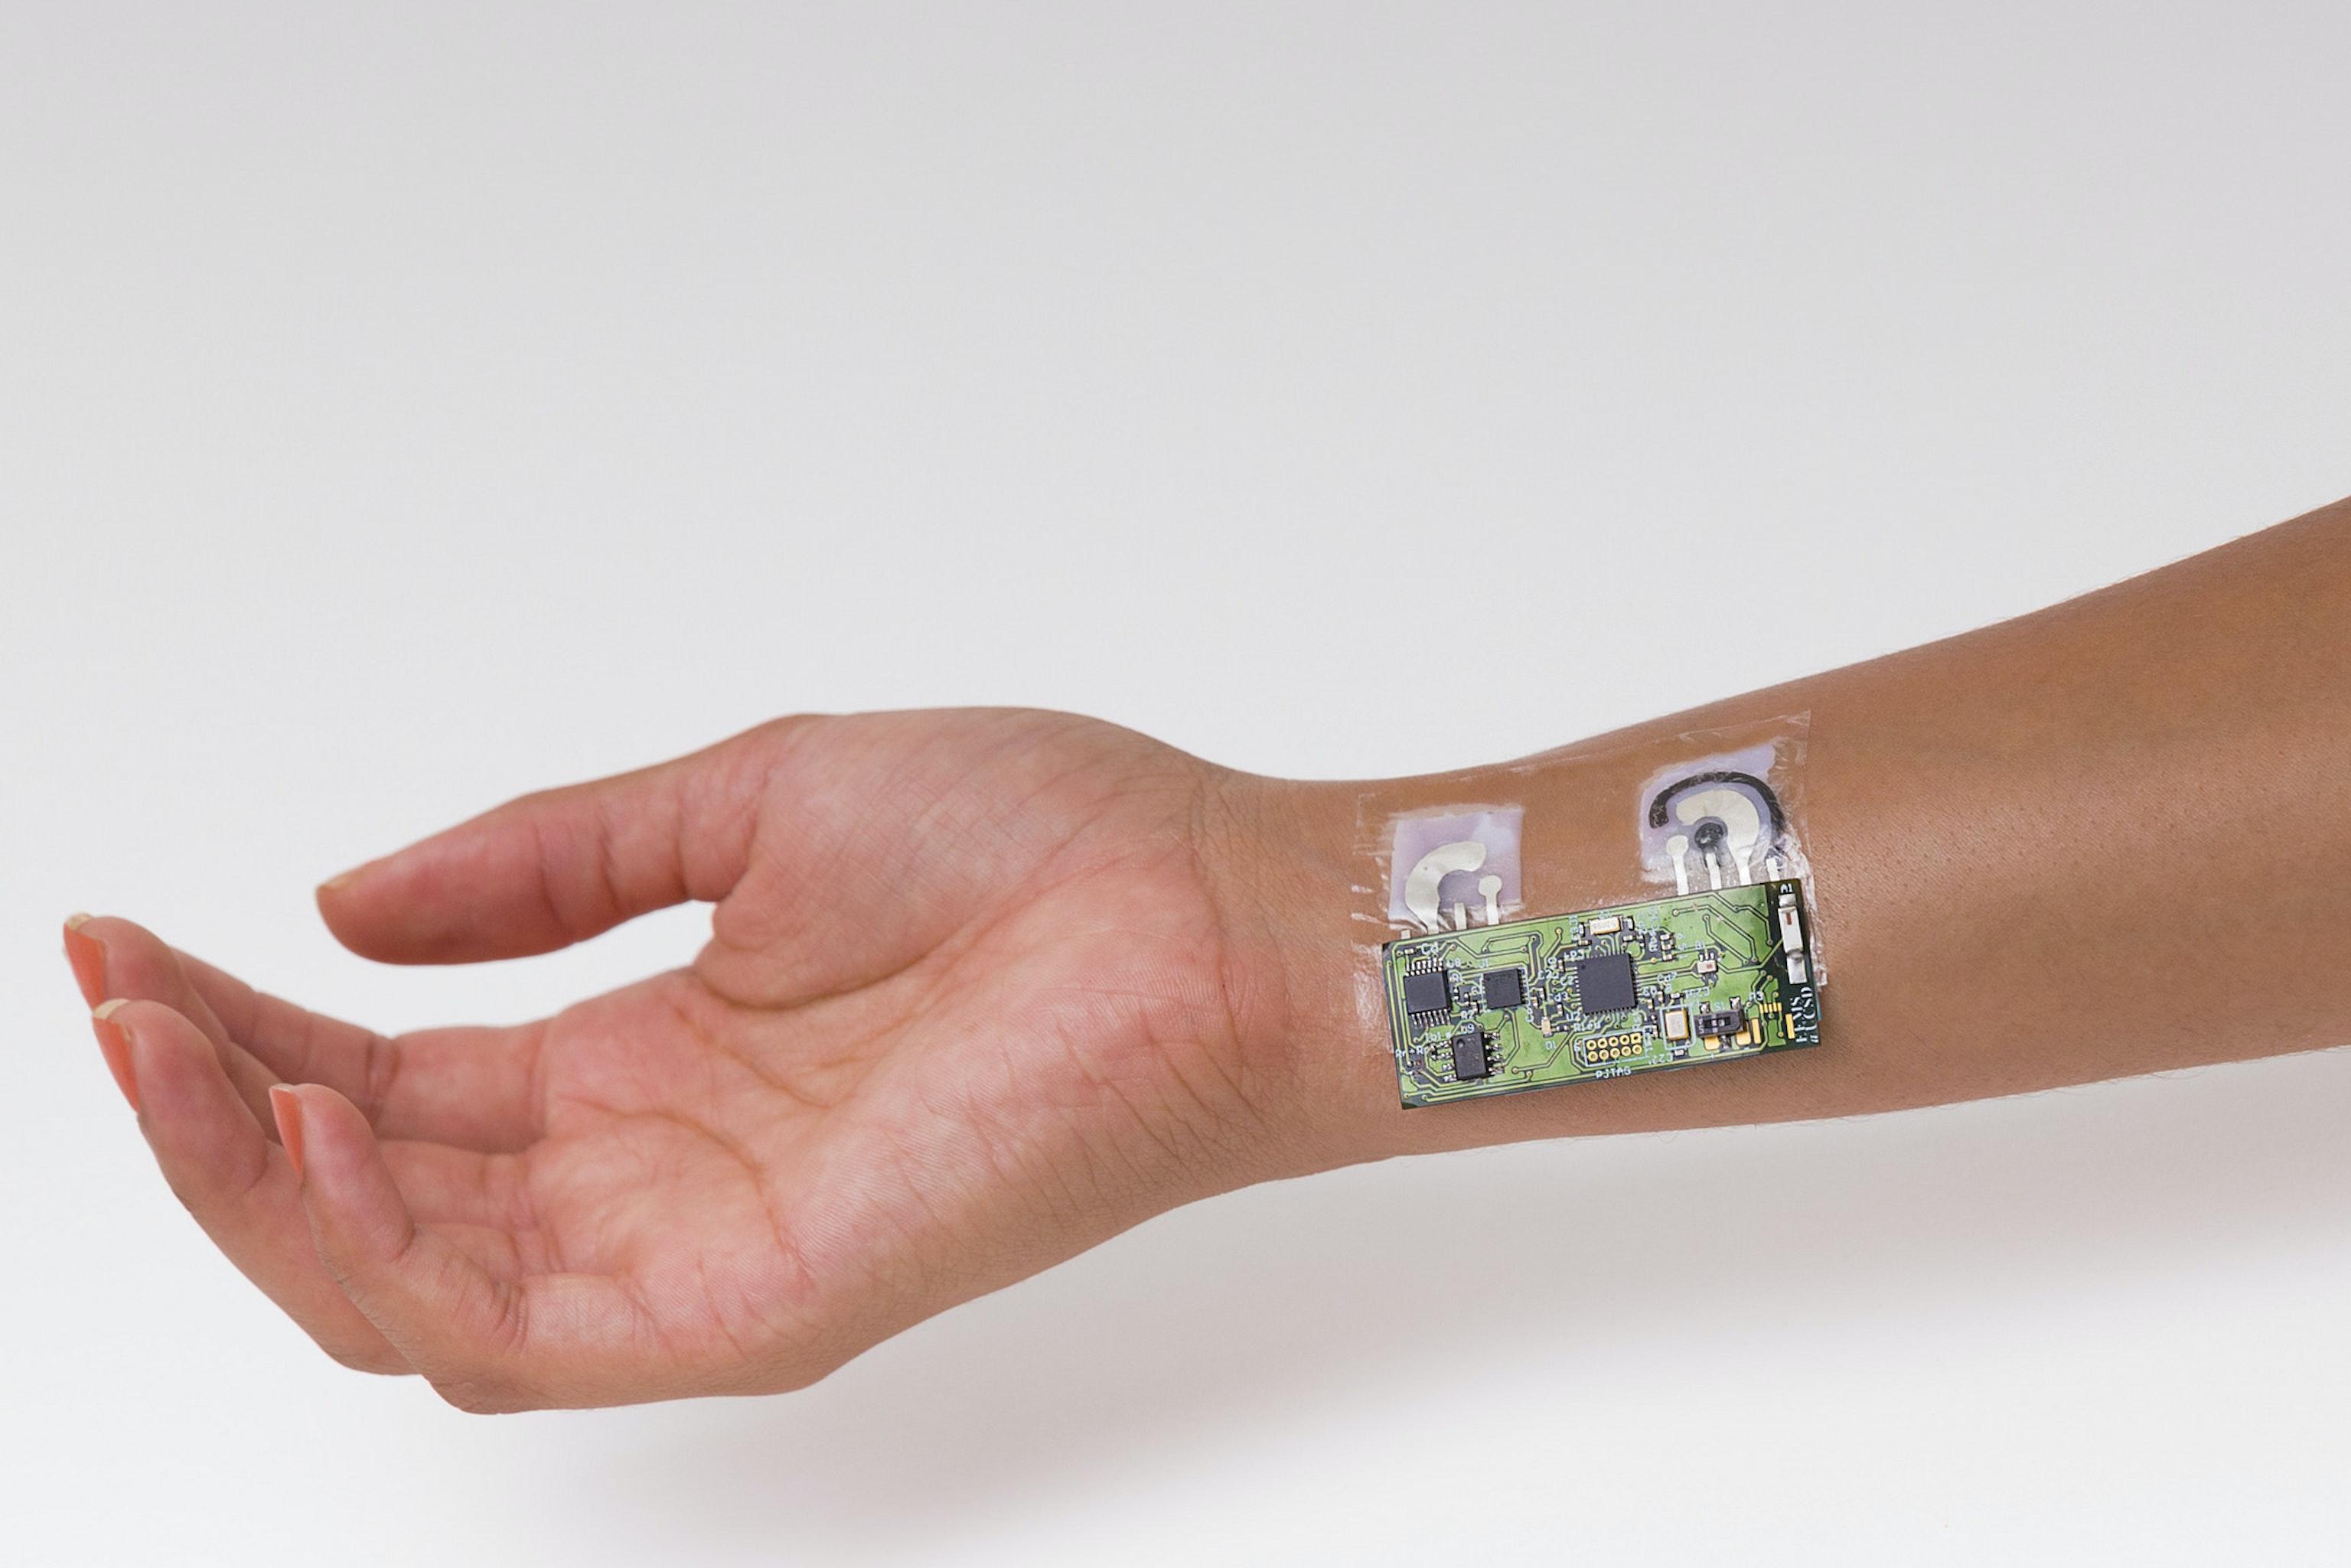 The biosensor prototype